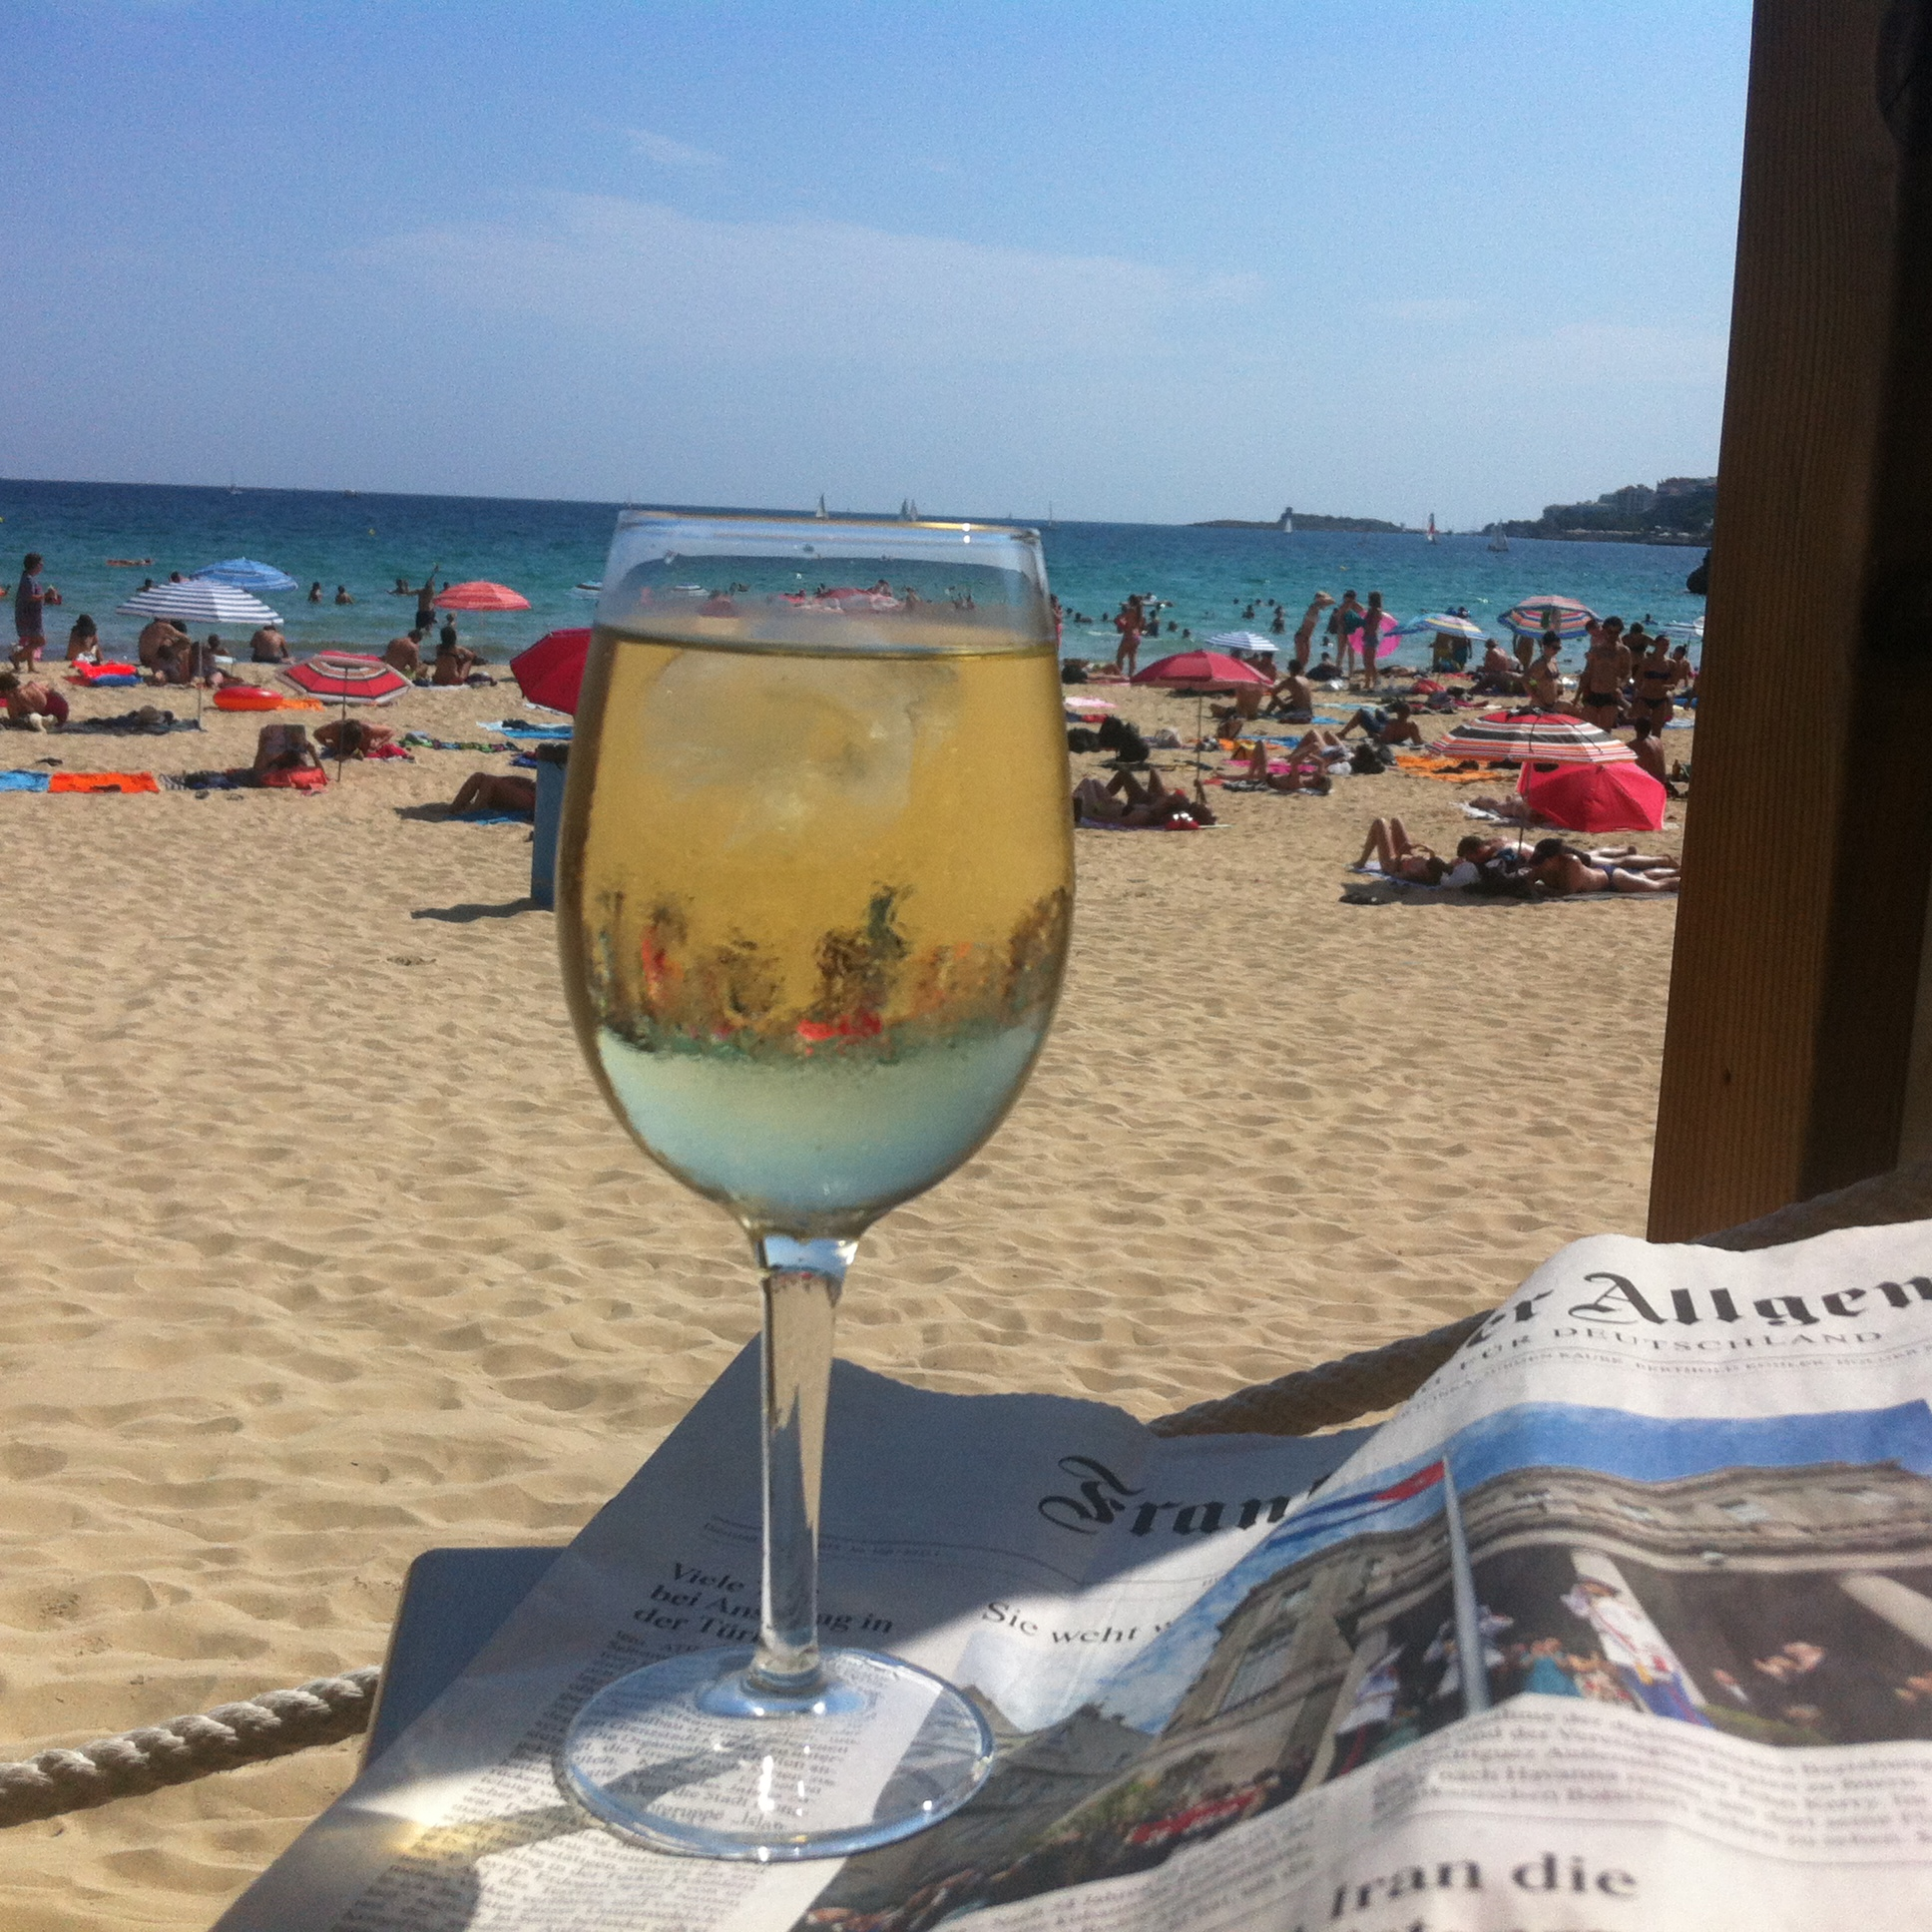 Alles geht seinen gepflegten, streng geregelten Gang am Strand von Cala Mayor, Mallorca. Foto: Kassandra.